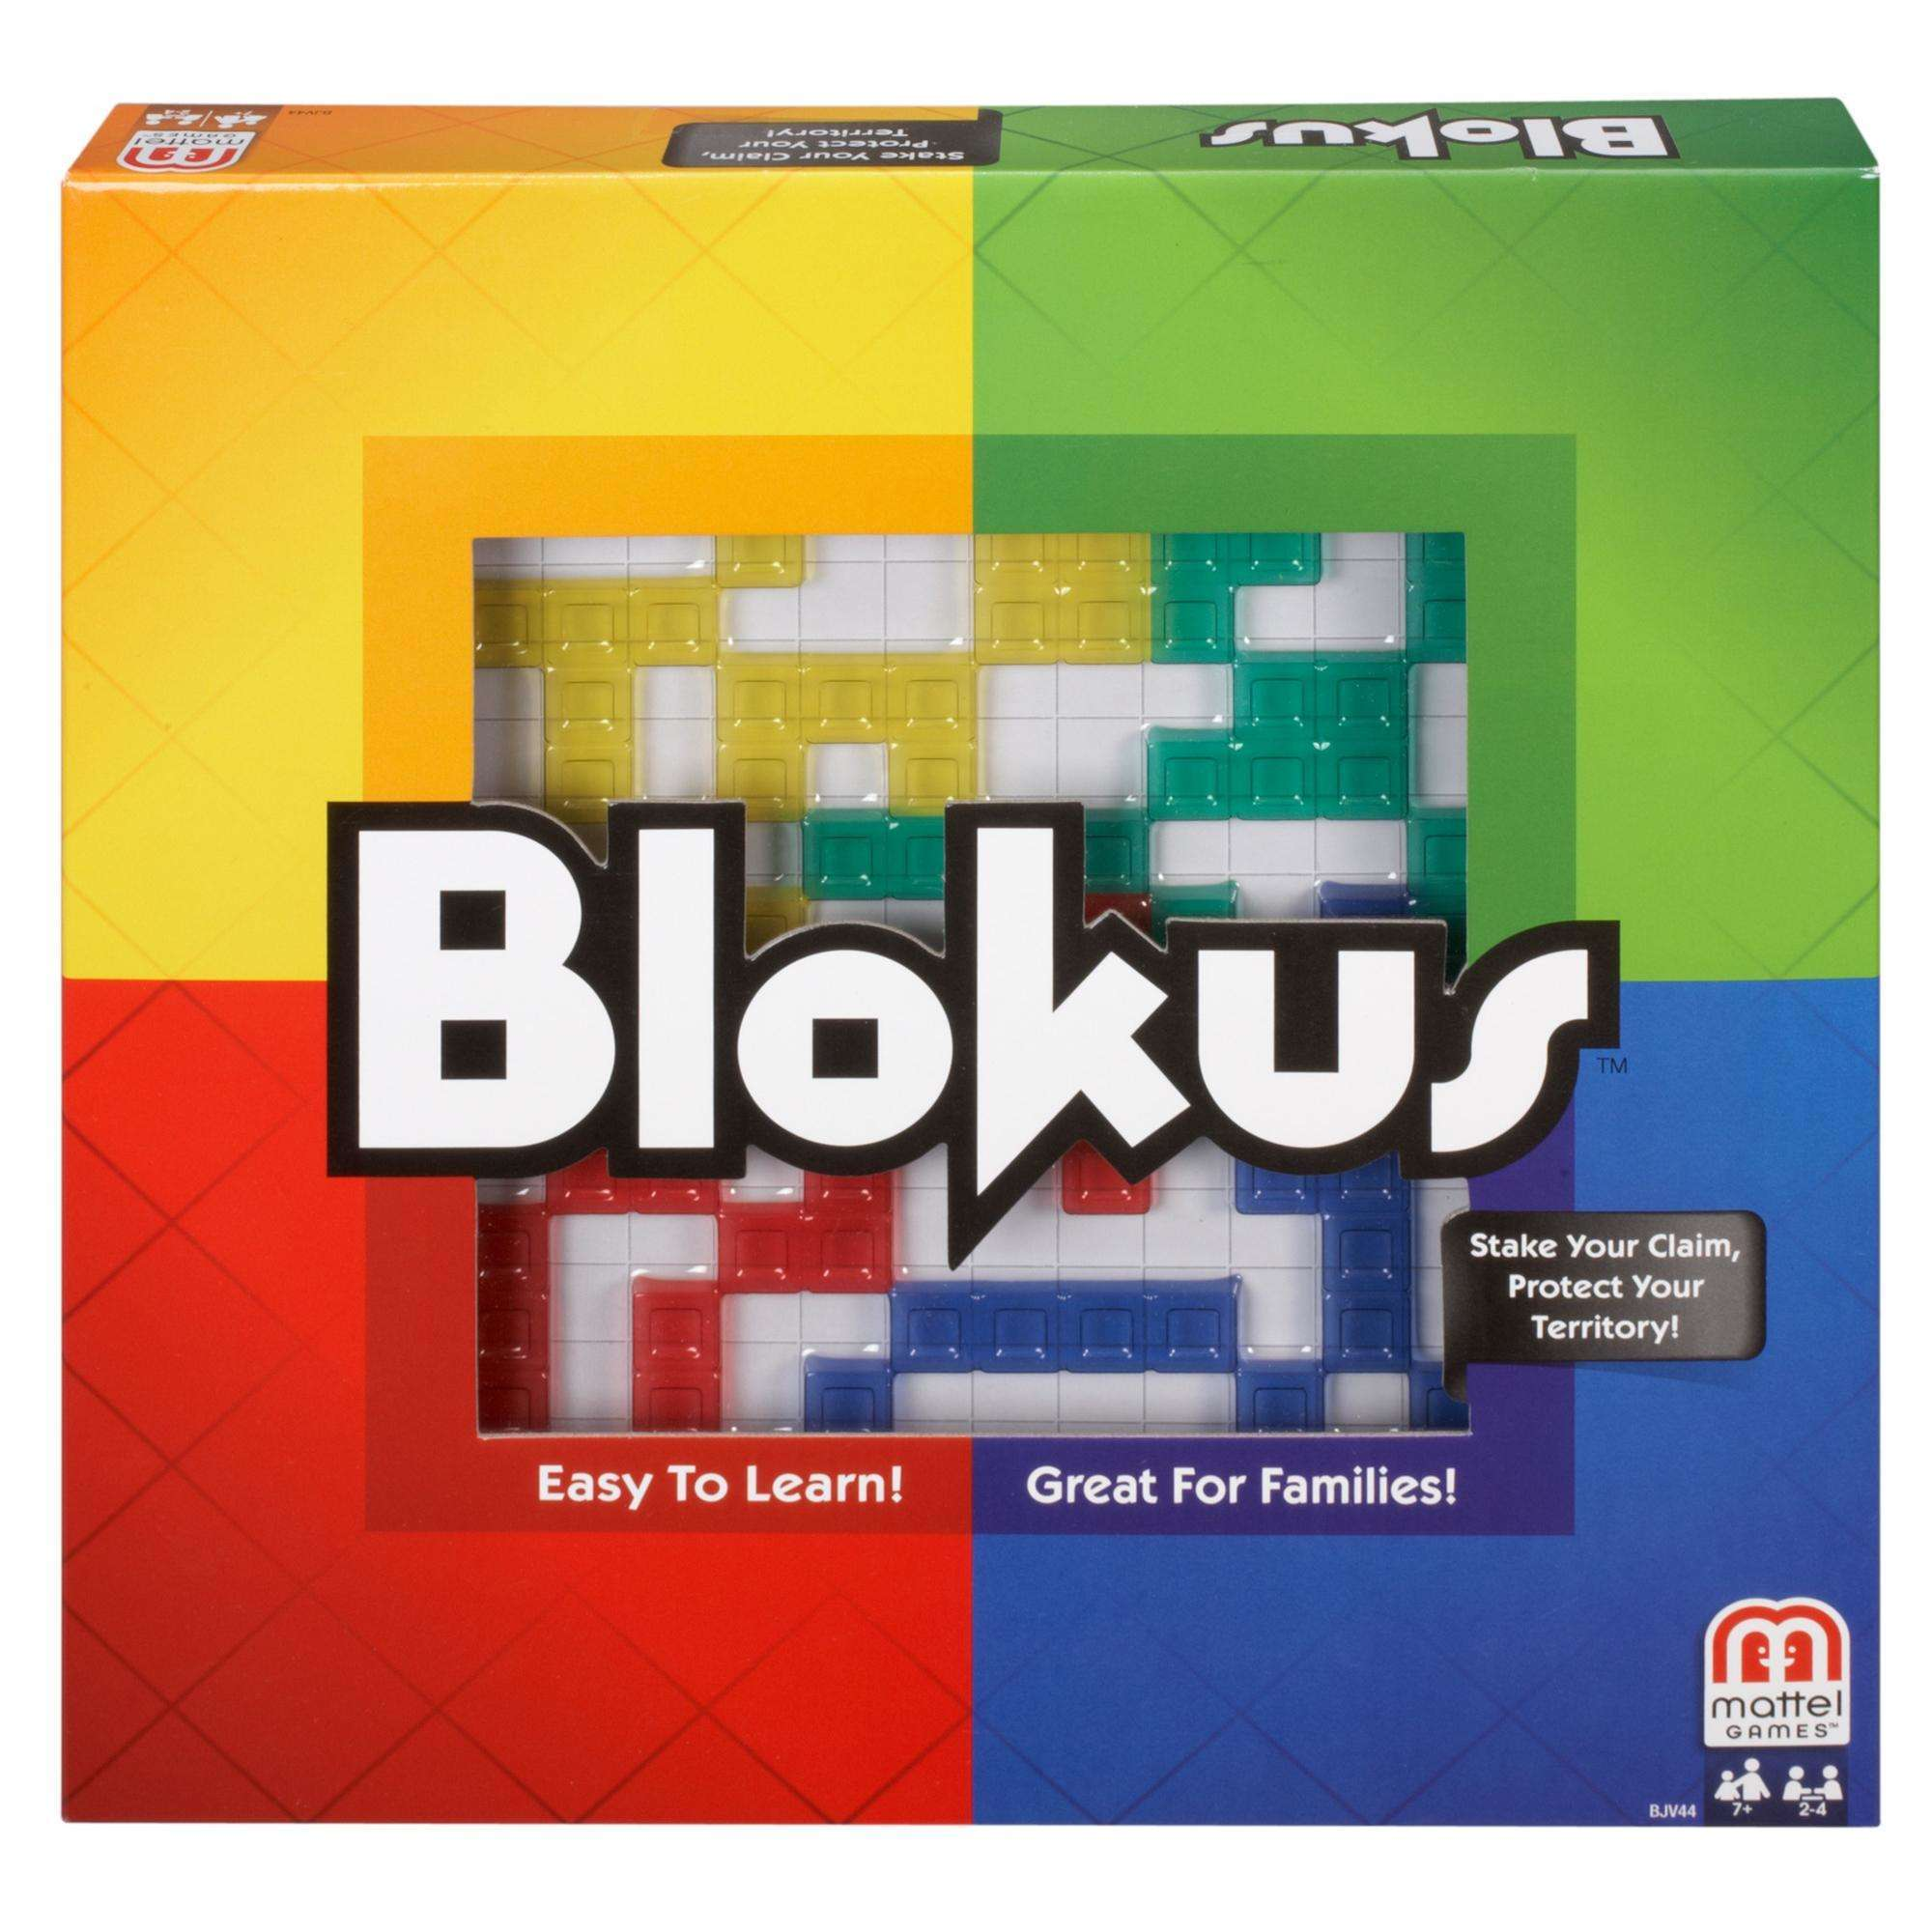 Blokus Game by Mattel, Inc